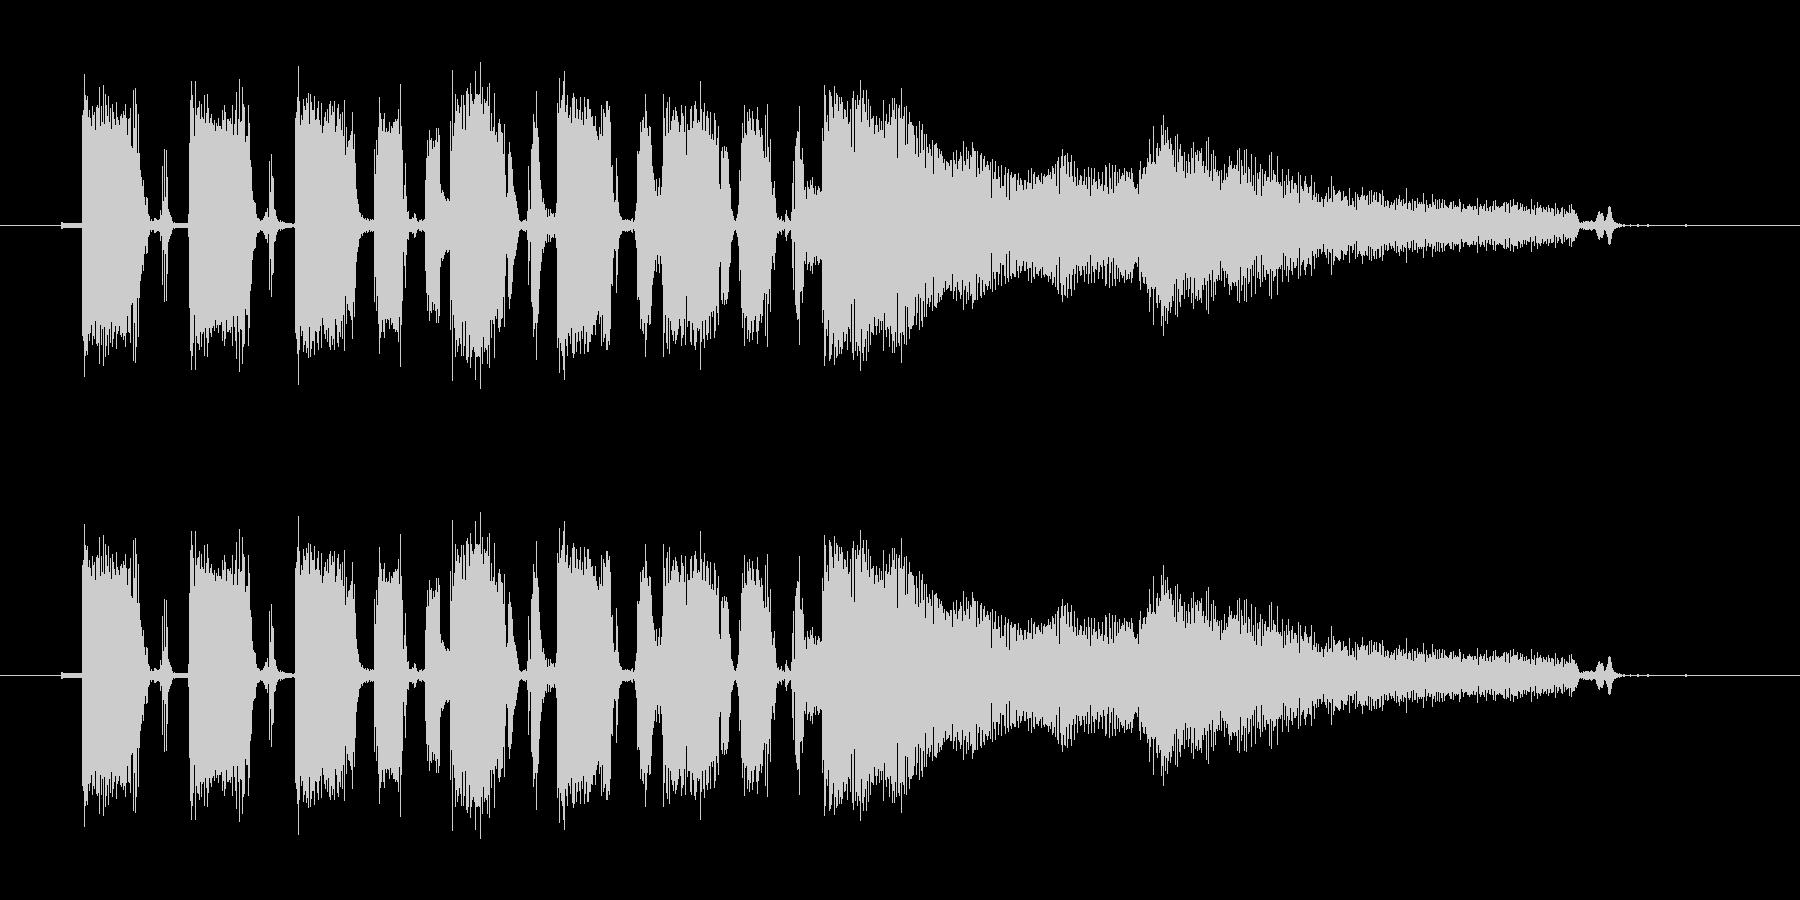 テープで録音されたようなギターのジングルの未再生の波形